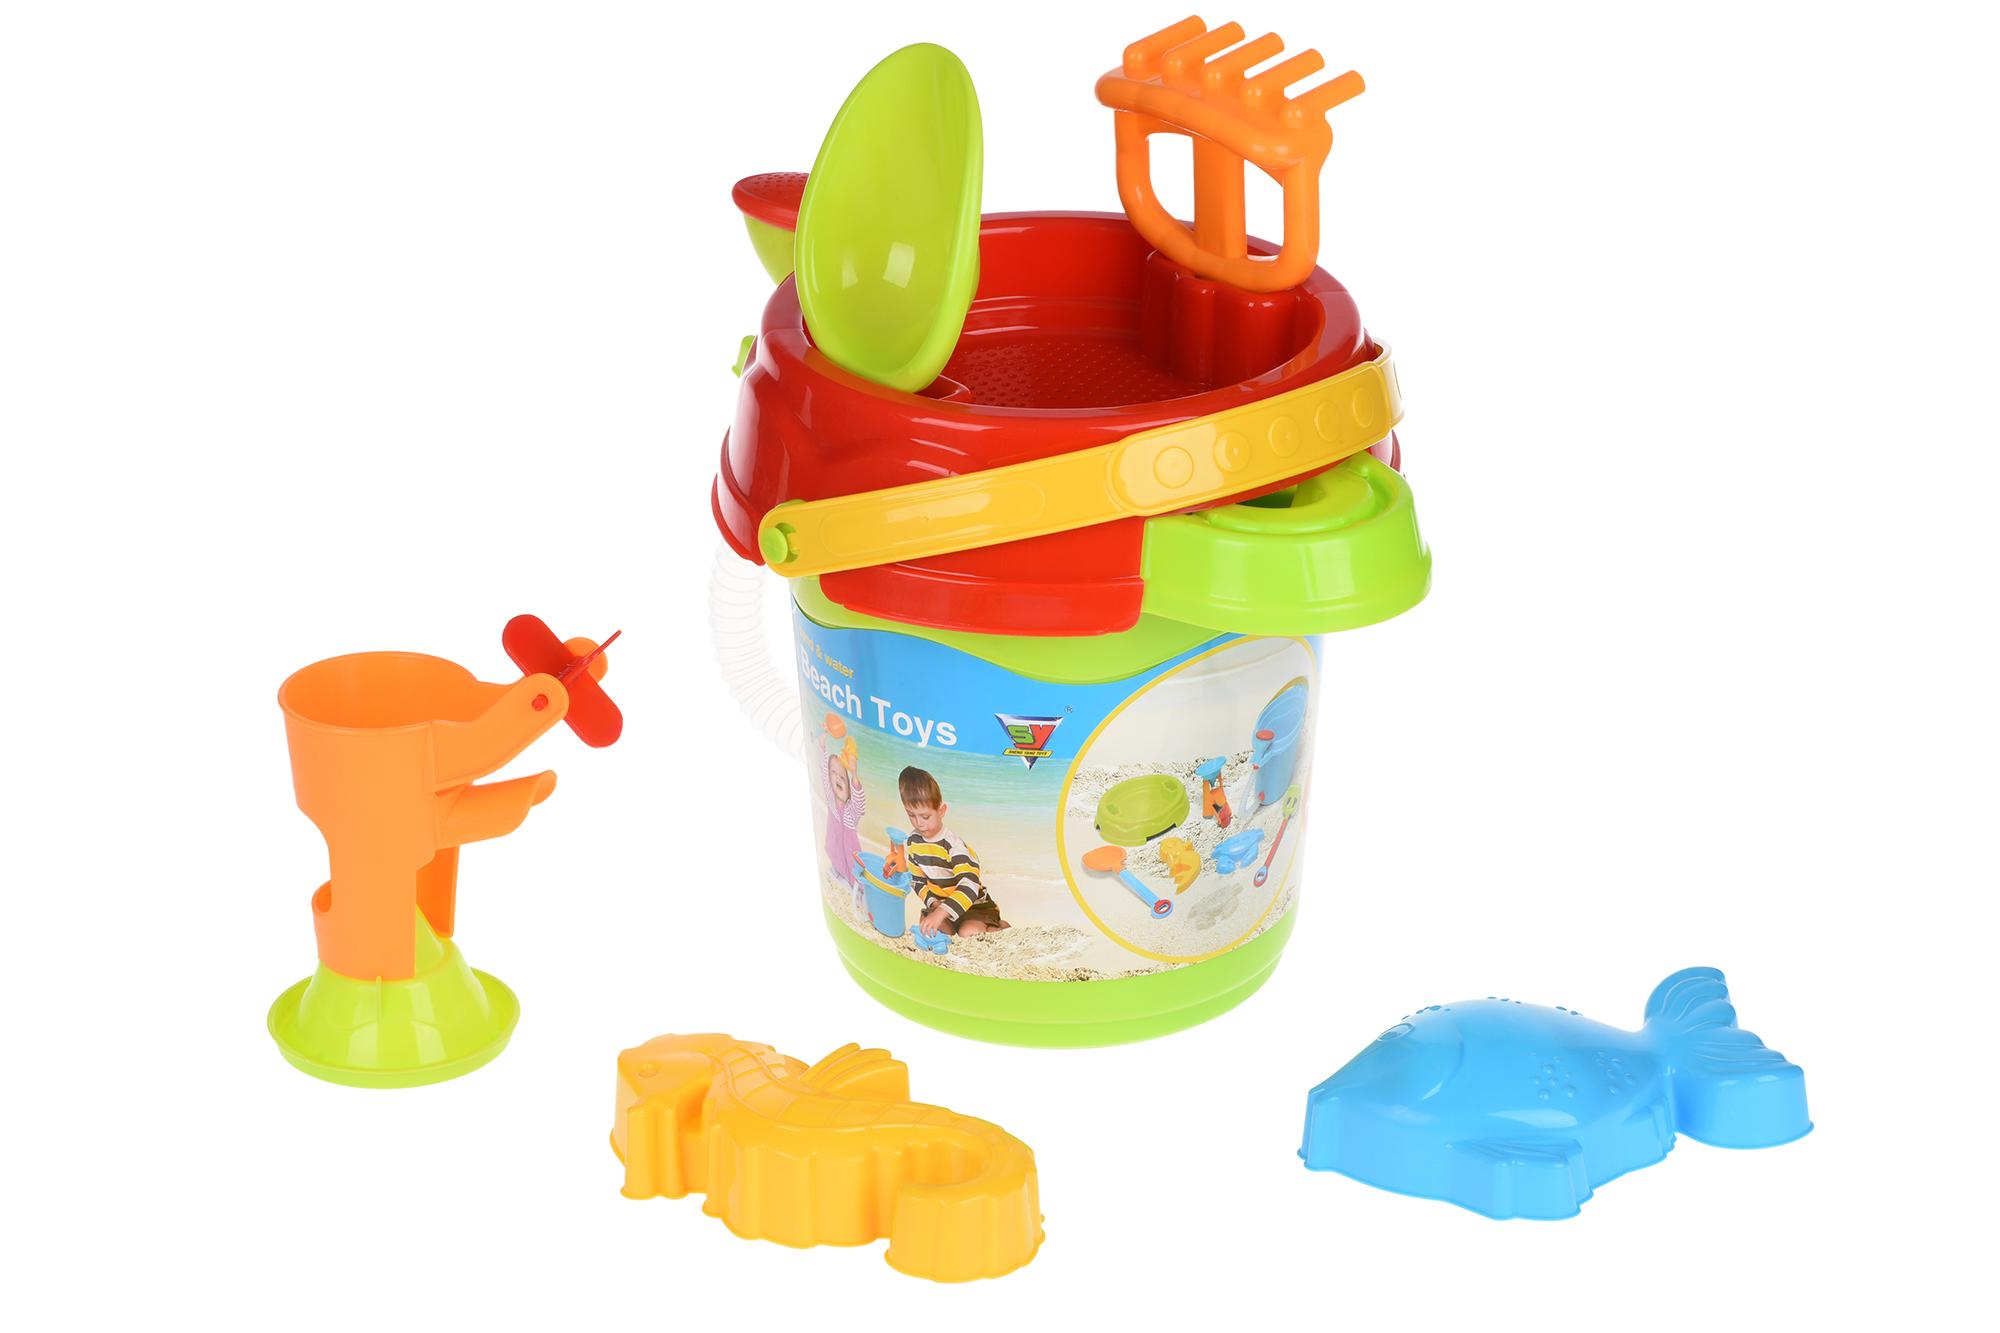 Same Toy Набір для гри з піском Відерце зелене (6 од.)